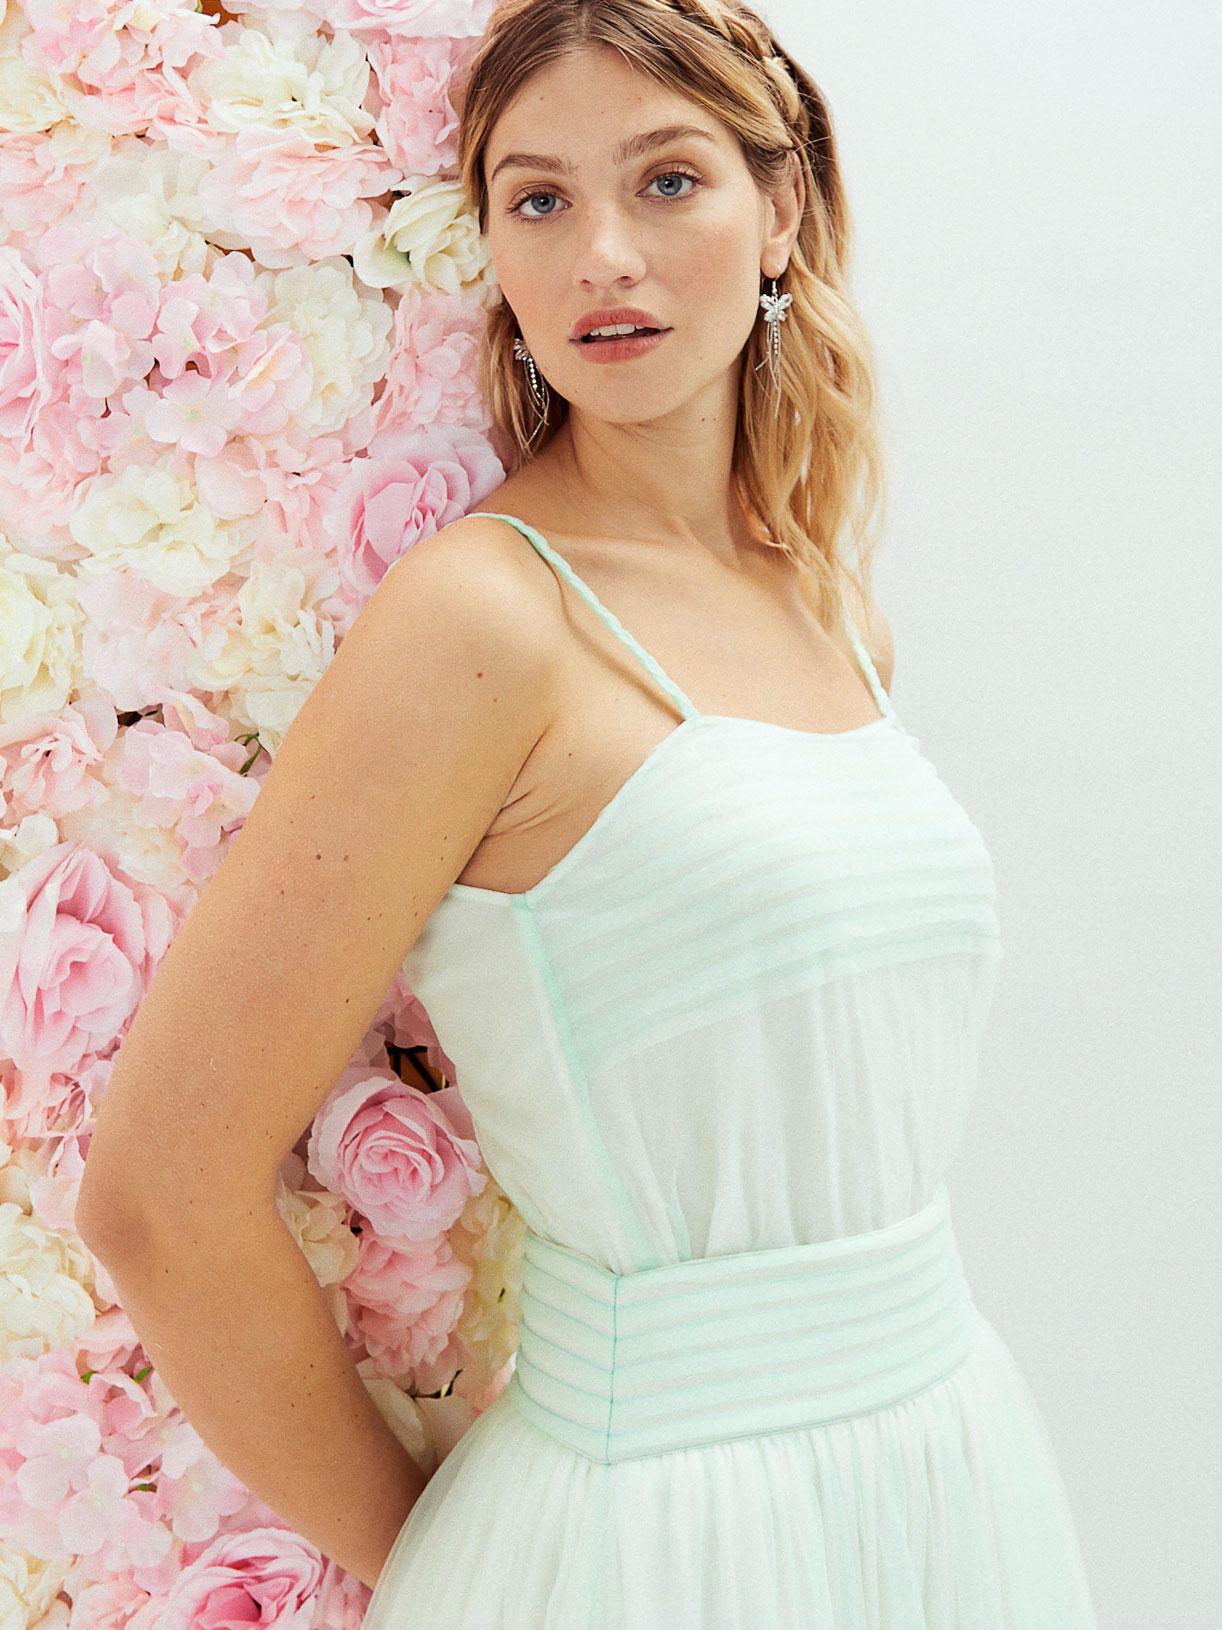 Blouse de mariee boheme coloree a bretelles fines ecoresponsable - Creatrice de robe de mariée éthique et écoresponsable a Paris - Myphilosophy